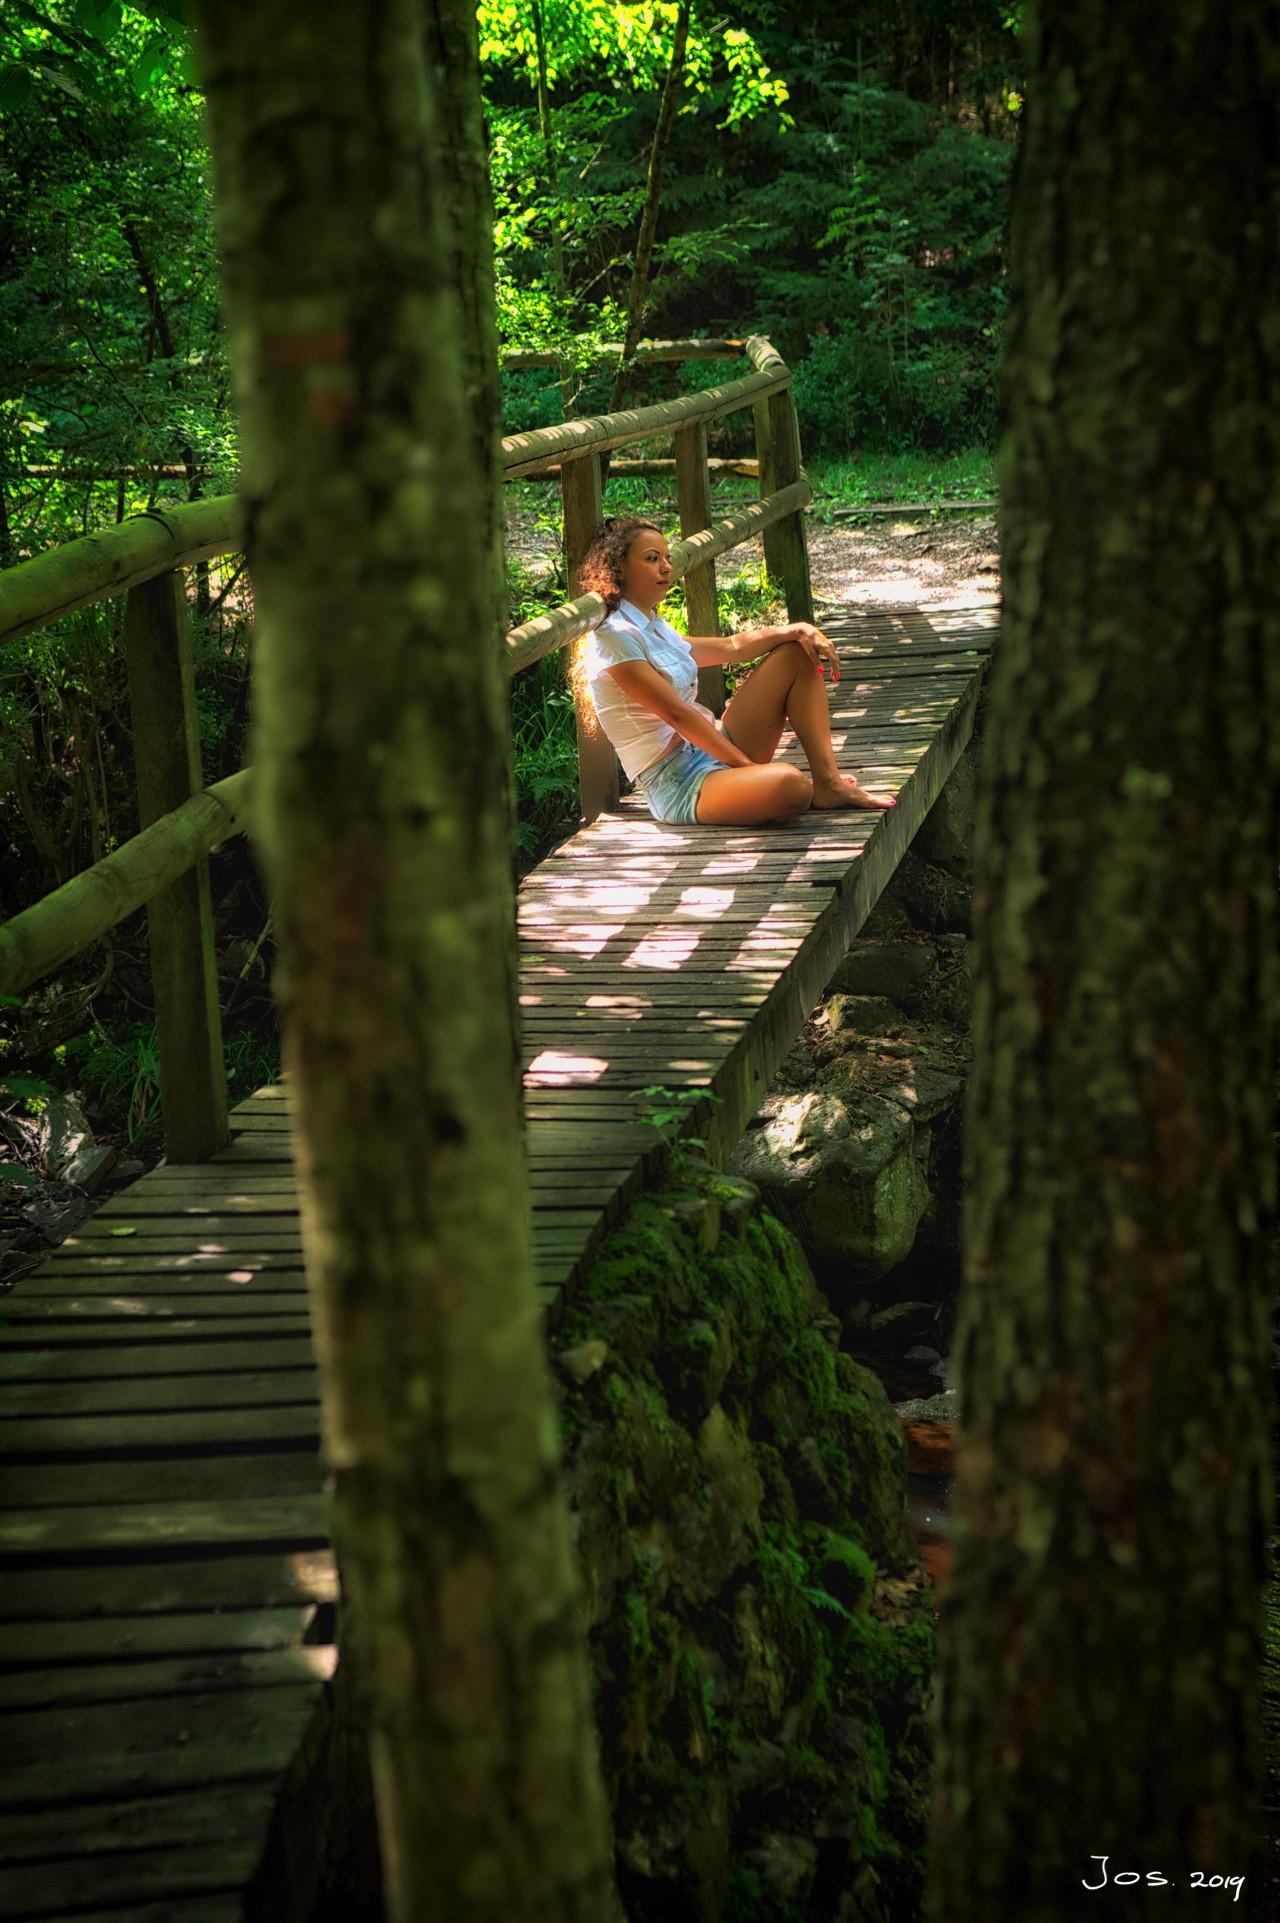 Lerne mehr über Kompositionen in der Fotografie Dame auf Brücken Bäumen von Jos Joosten